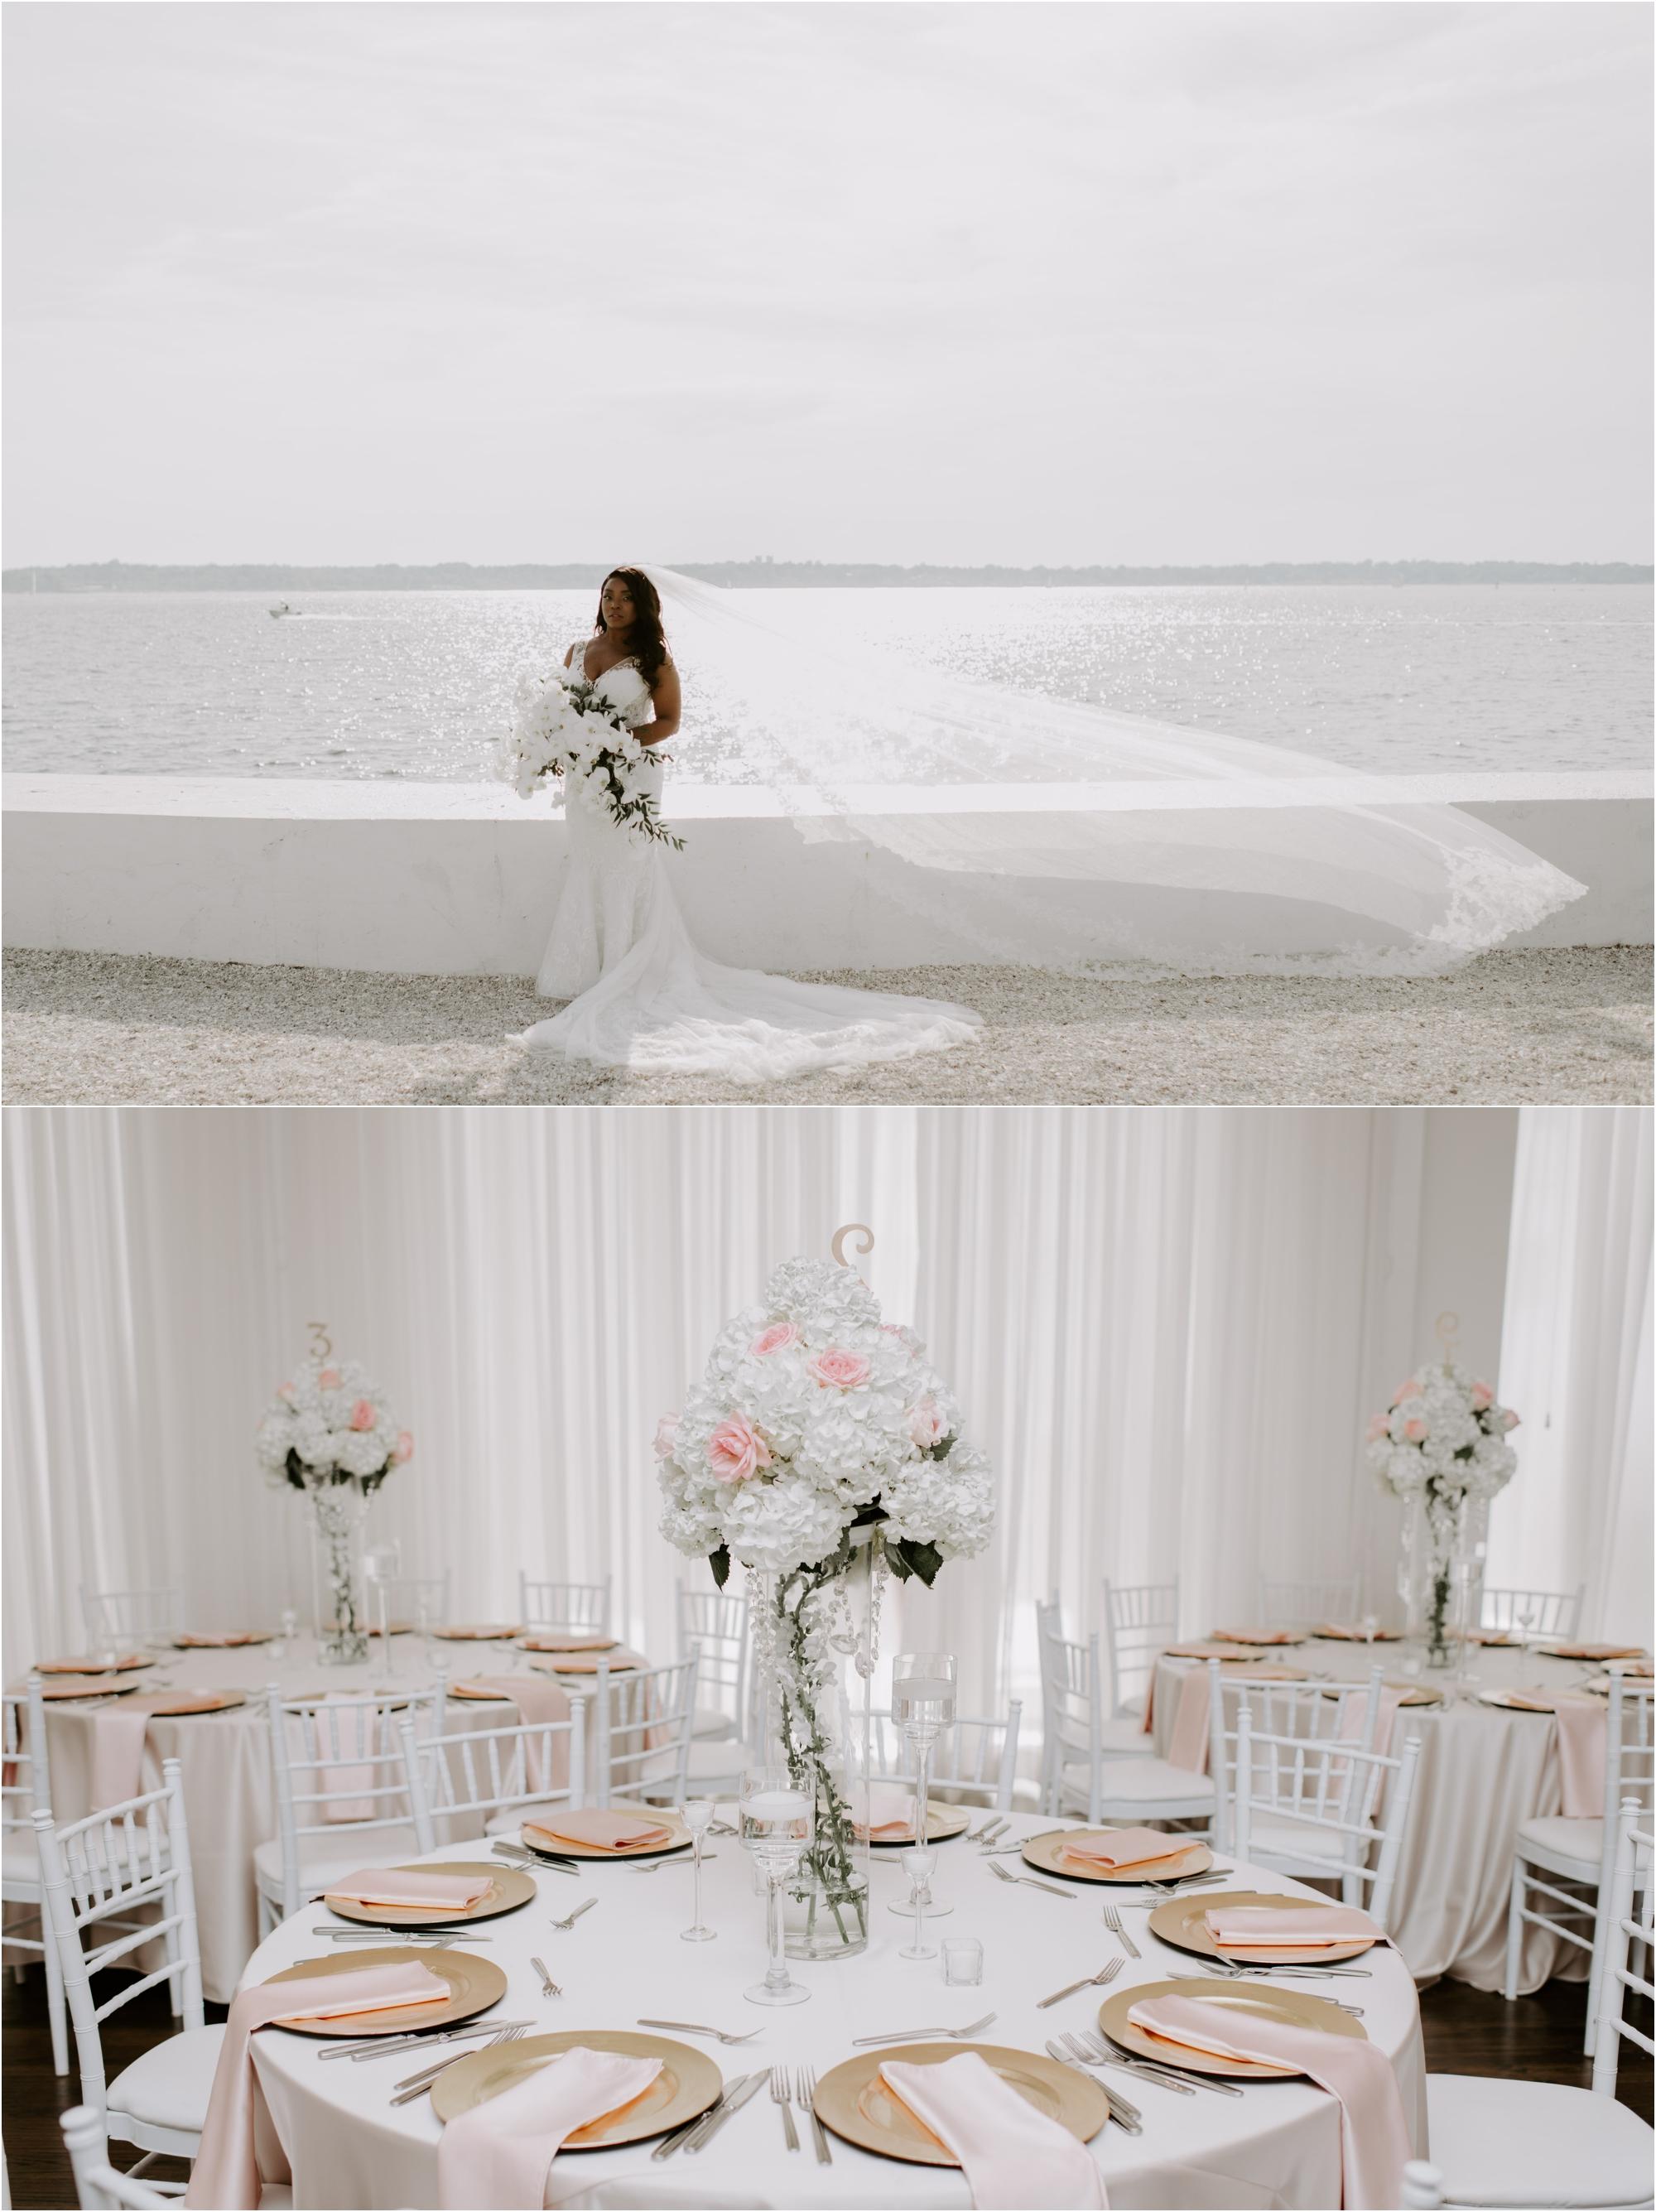 JANELLEANDJULIAN-wedding-madelinerosephotographyco_0035.jpg